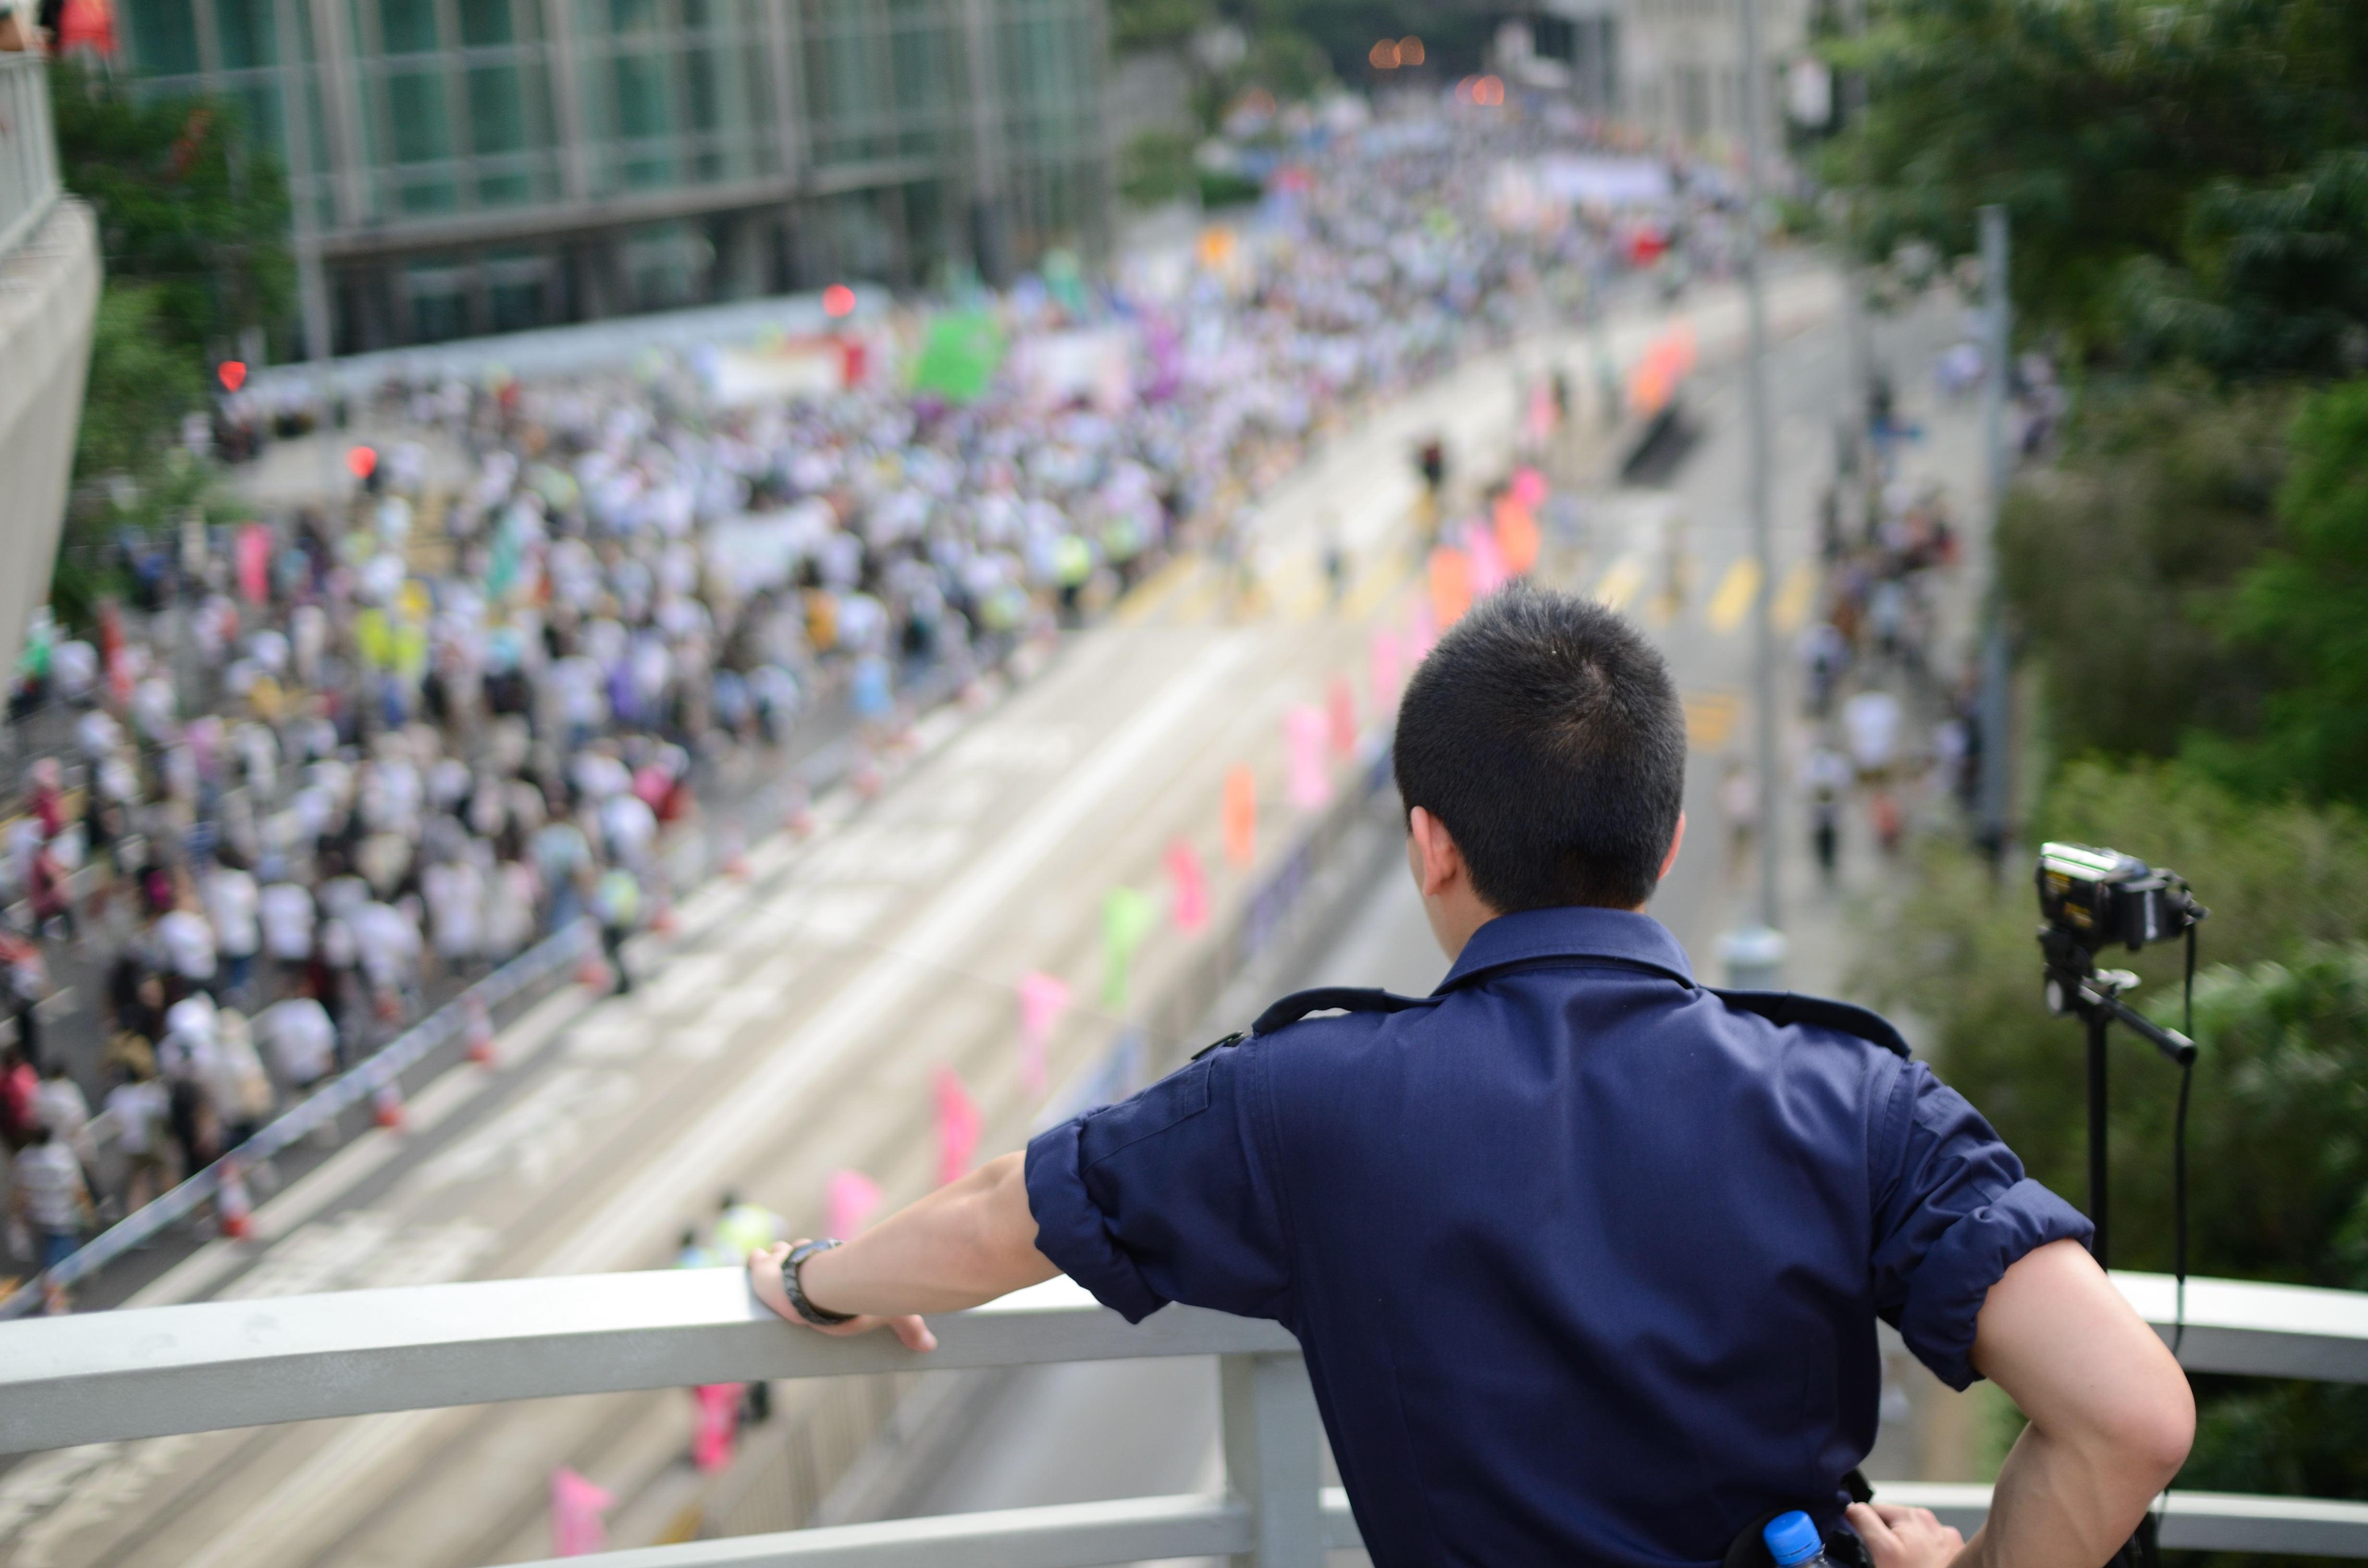 Hong Kong 1 July marches